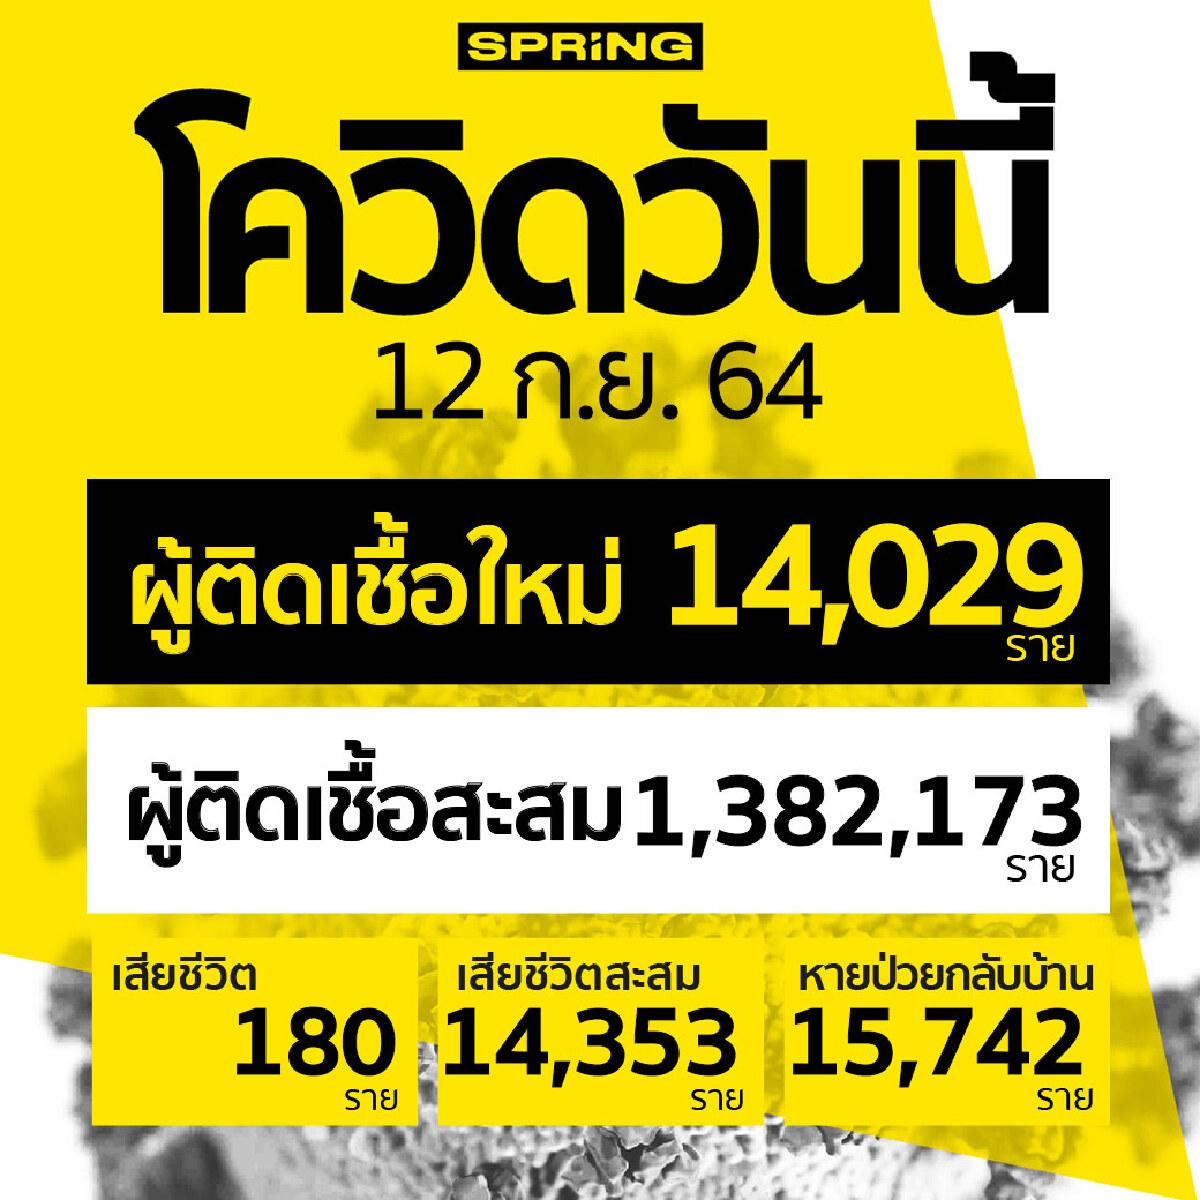 โควิดวันนี้ ติดเชื้อเพิ่ม 14,029 ราย สะสม 1,382,173 ราย เสียชีวิต 180